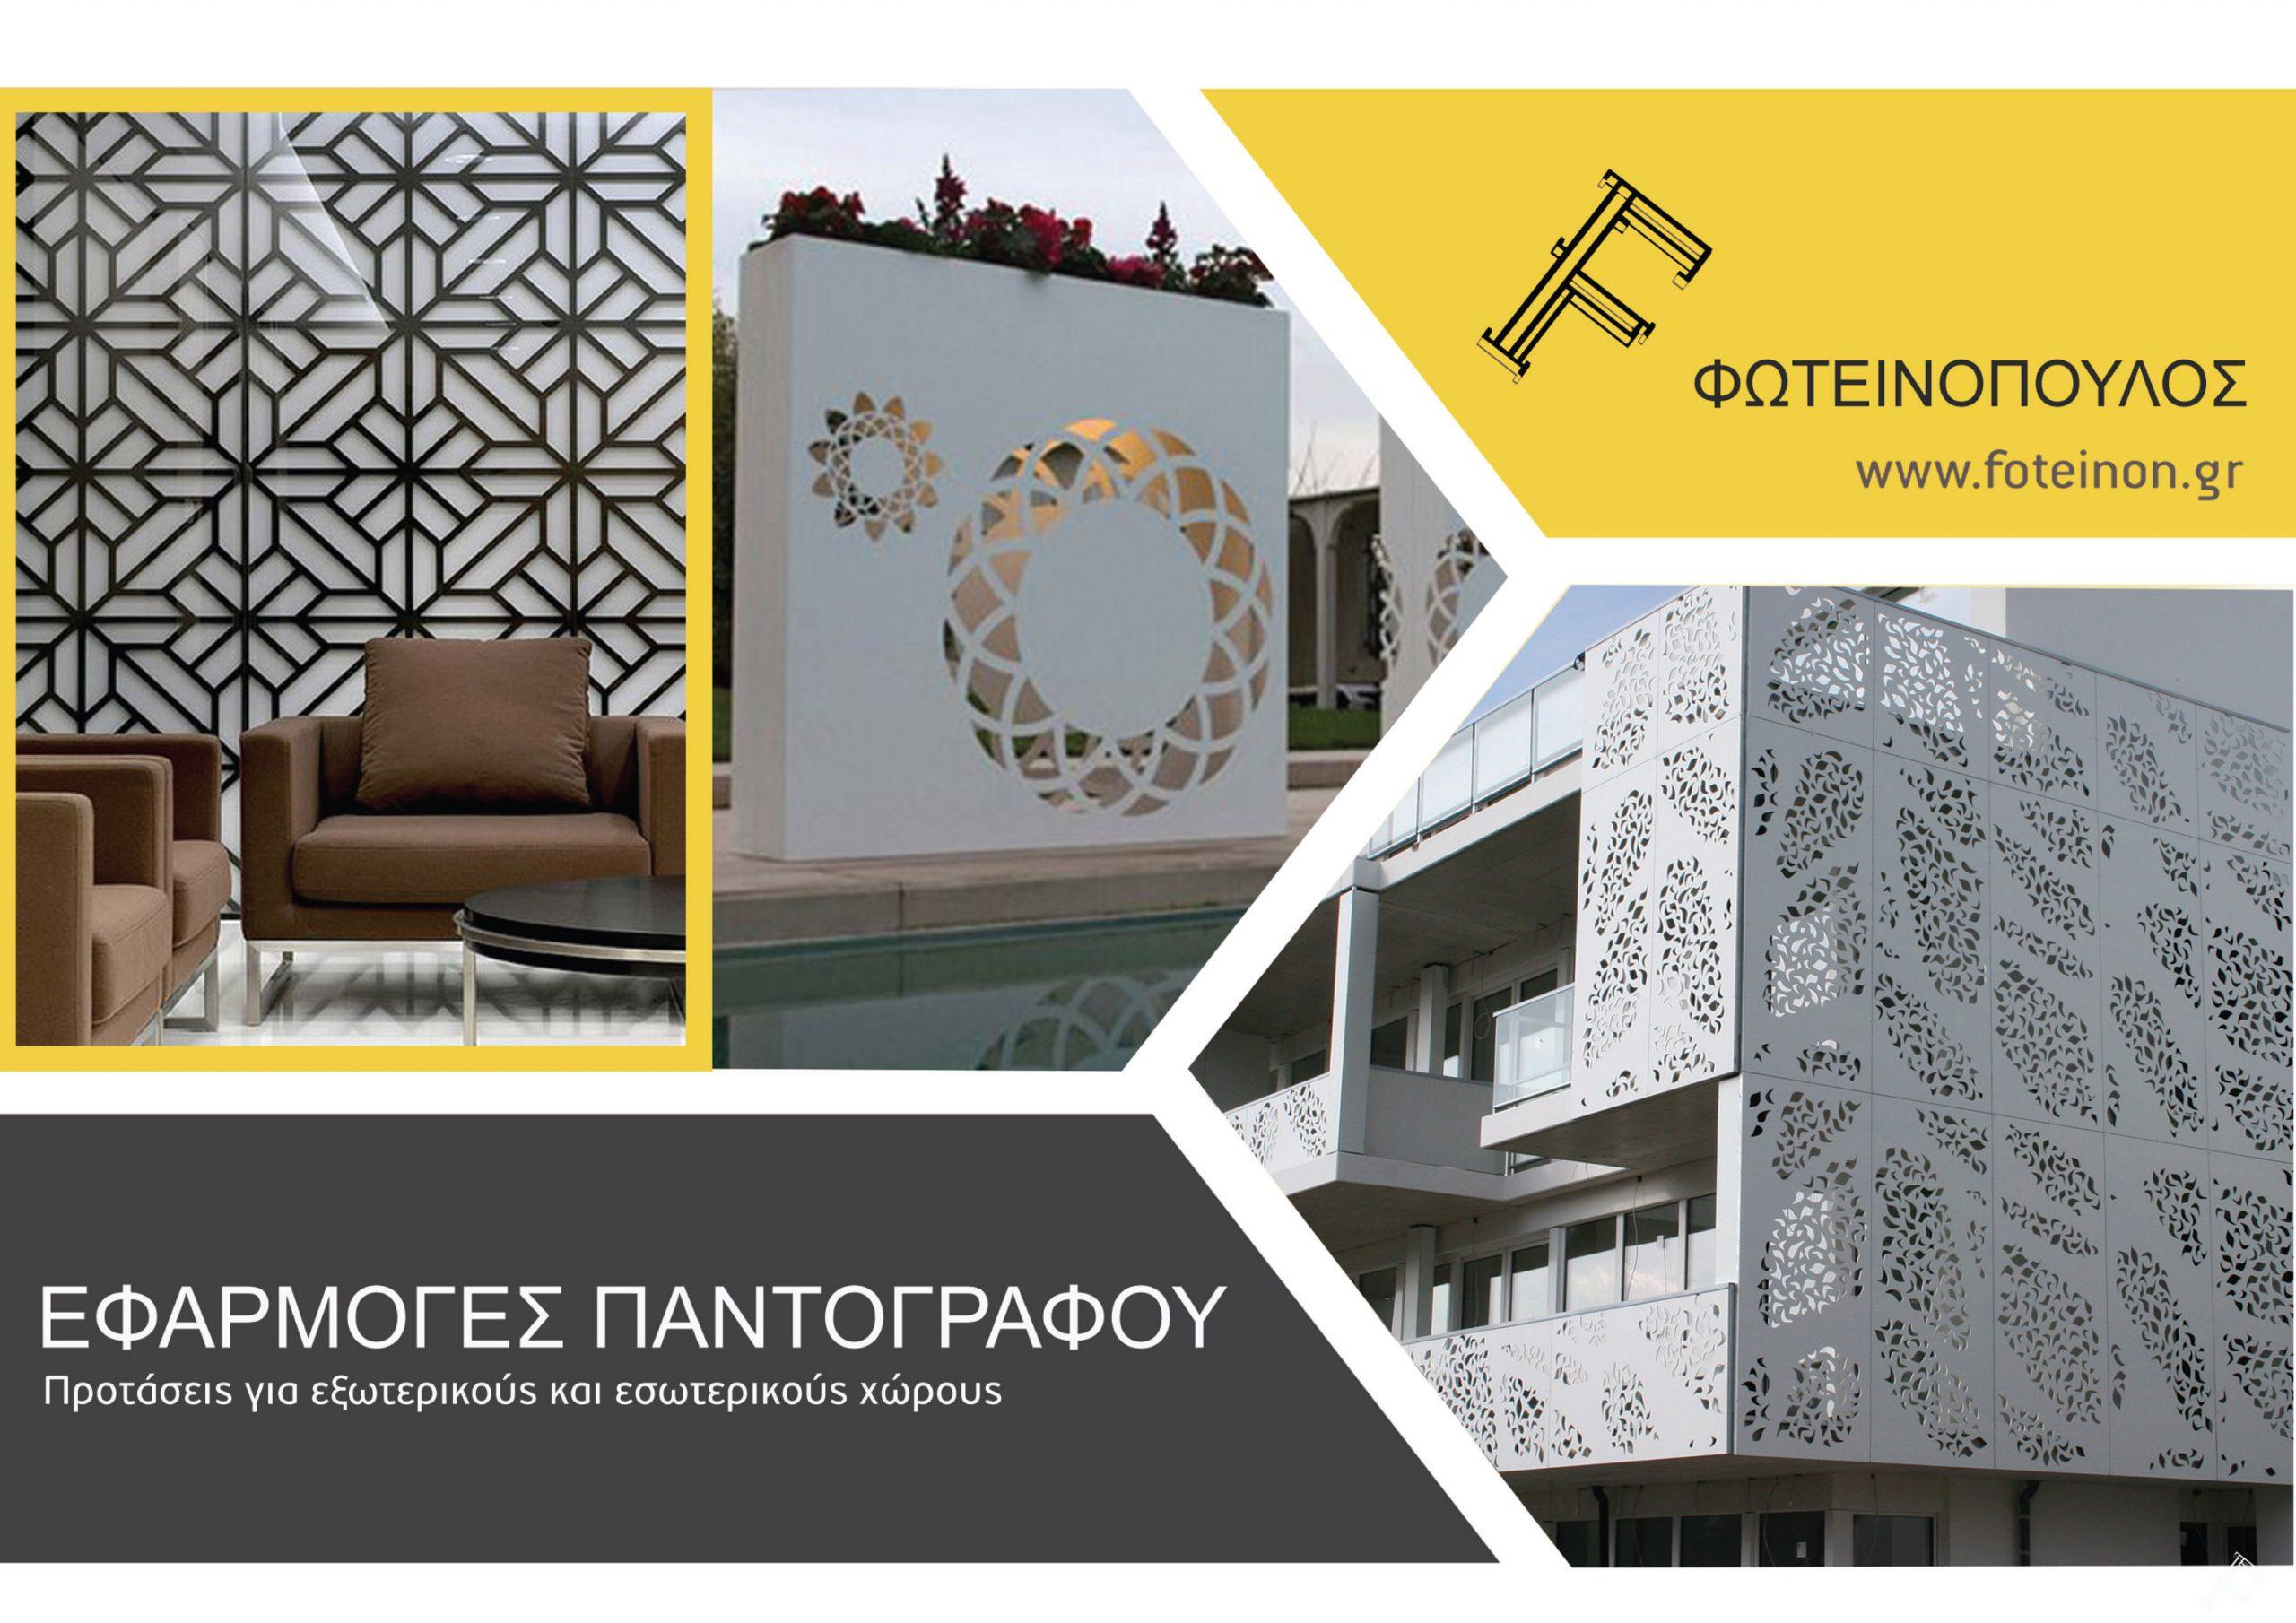 PANTOGRAFOS-1